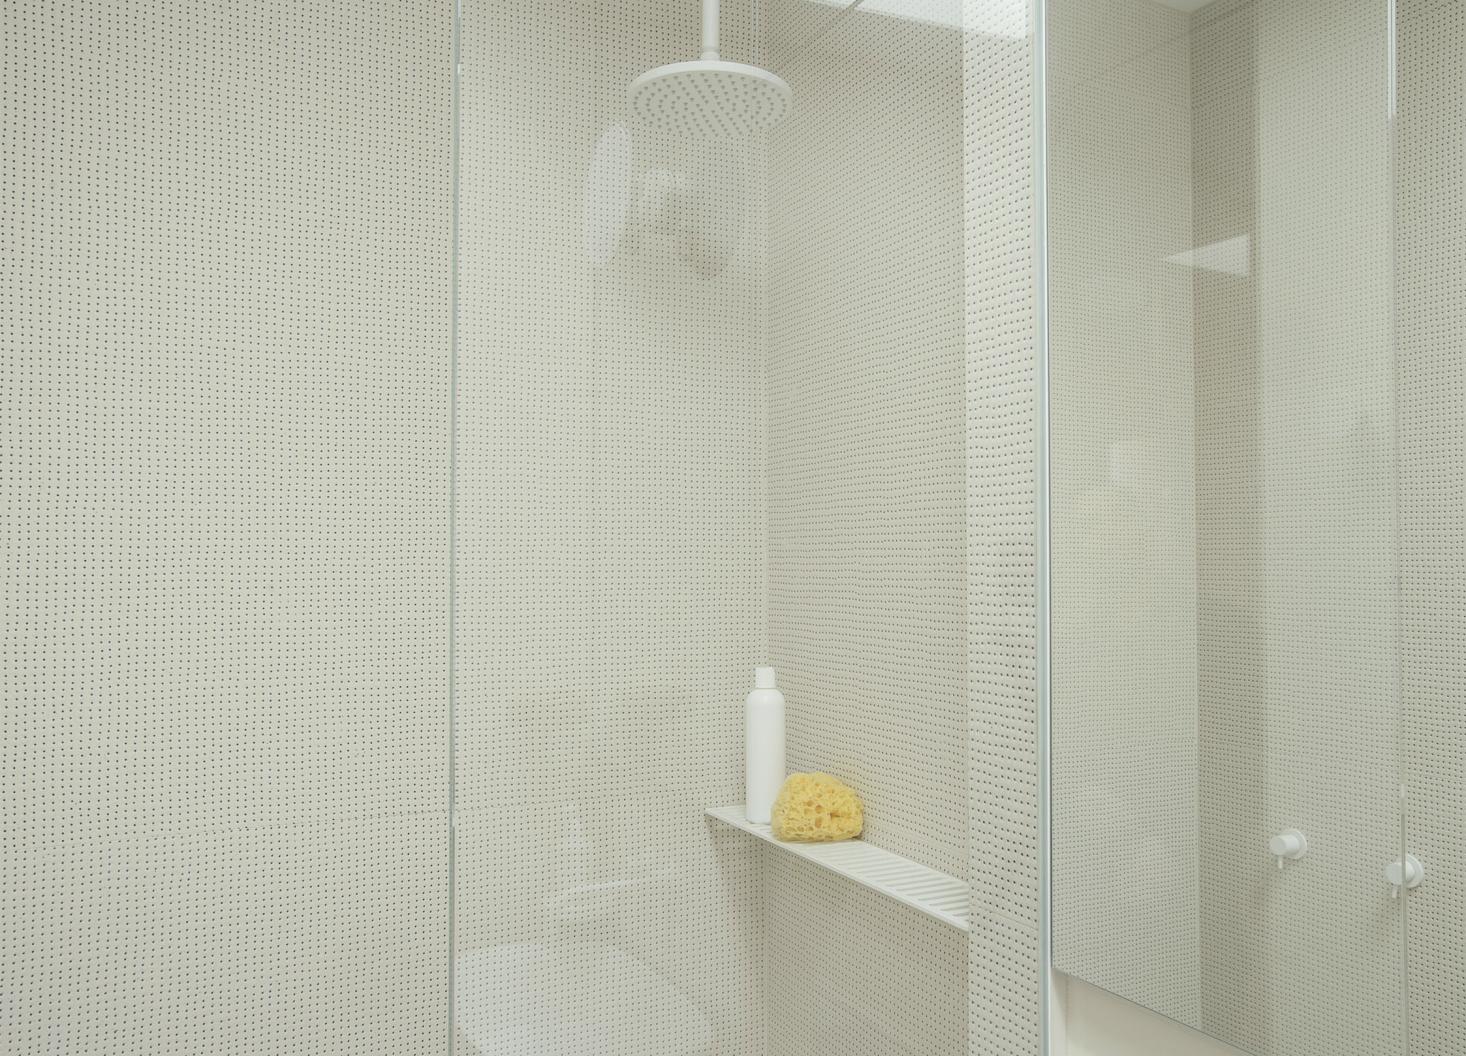 Steal This Look A Conceptual Bathroom German Design Edition - Remodelista bathroom